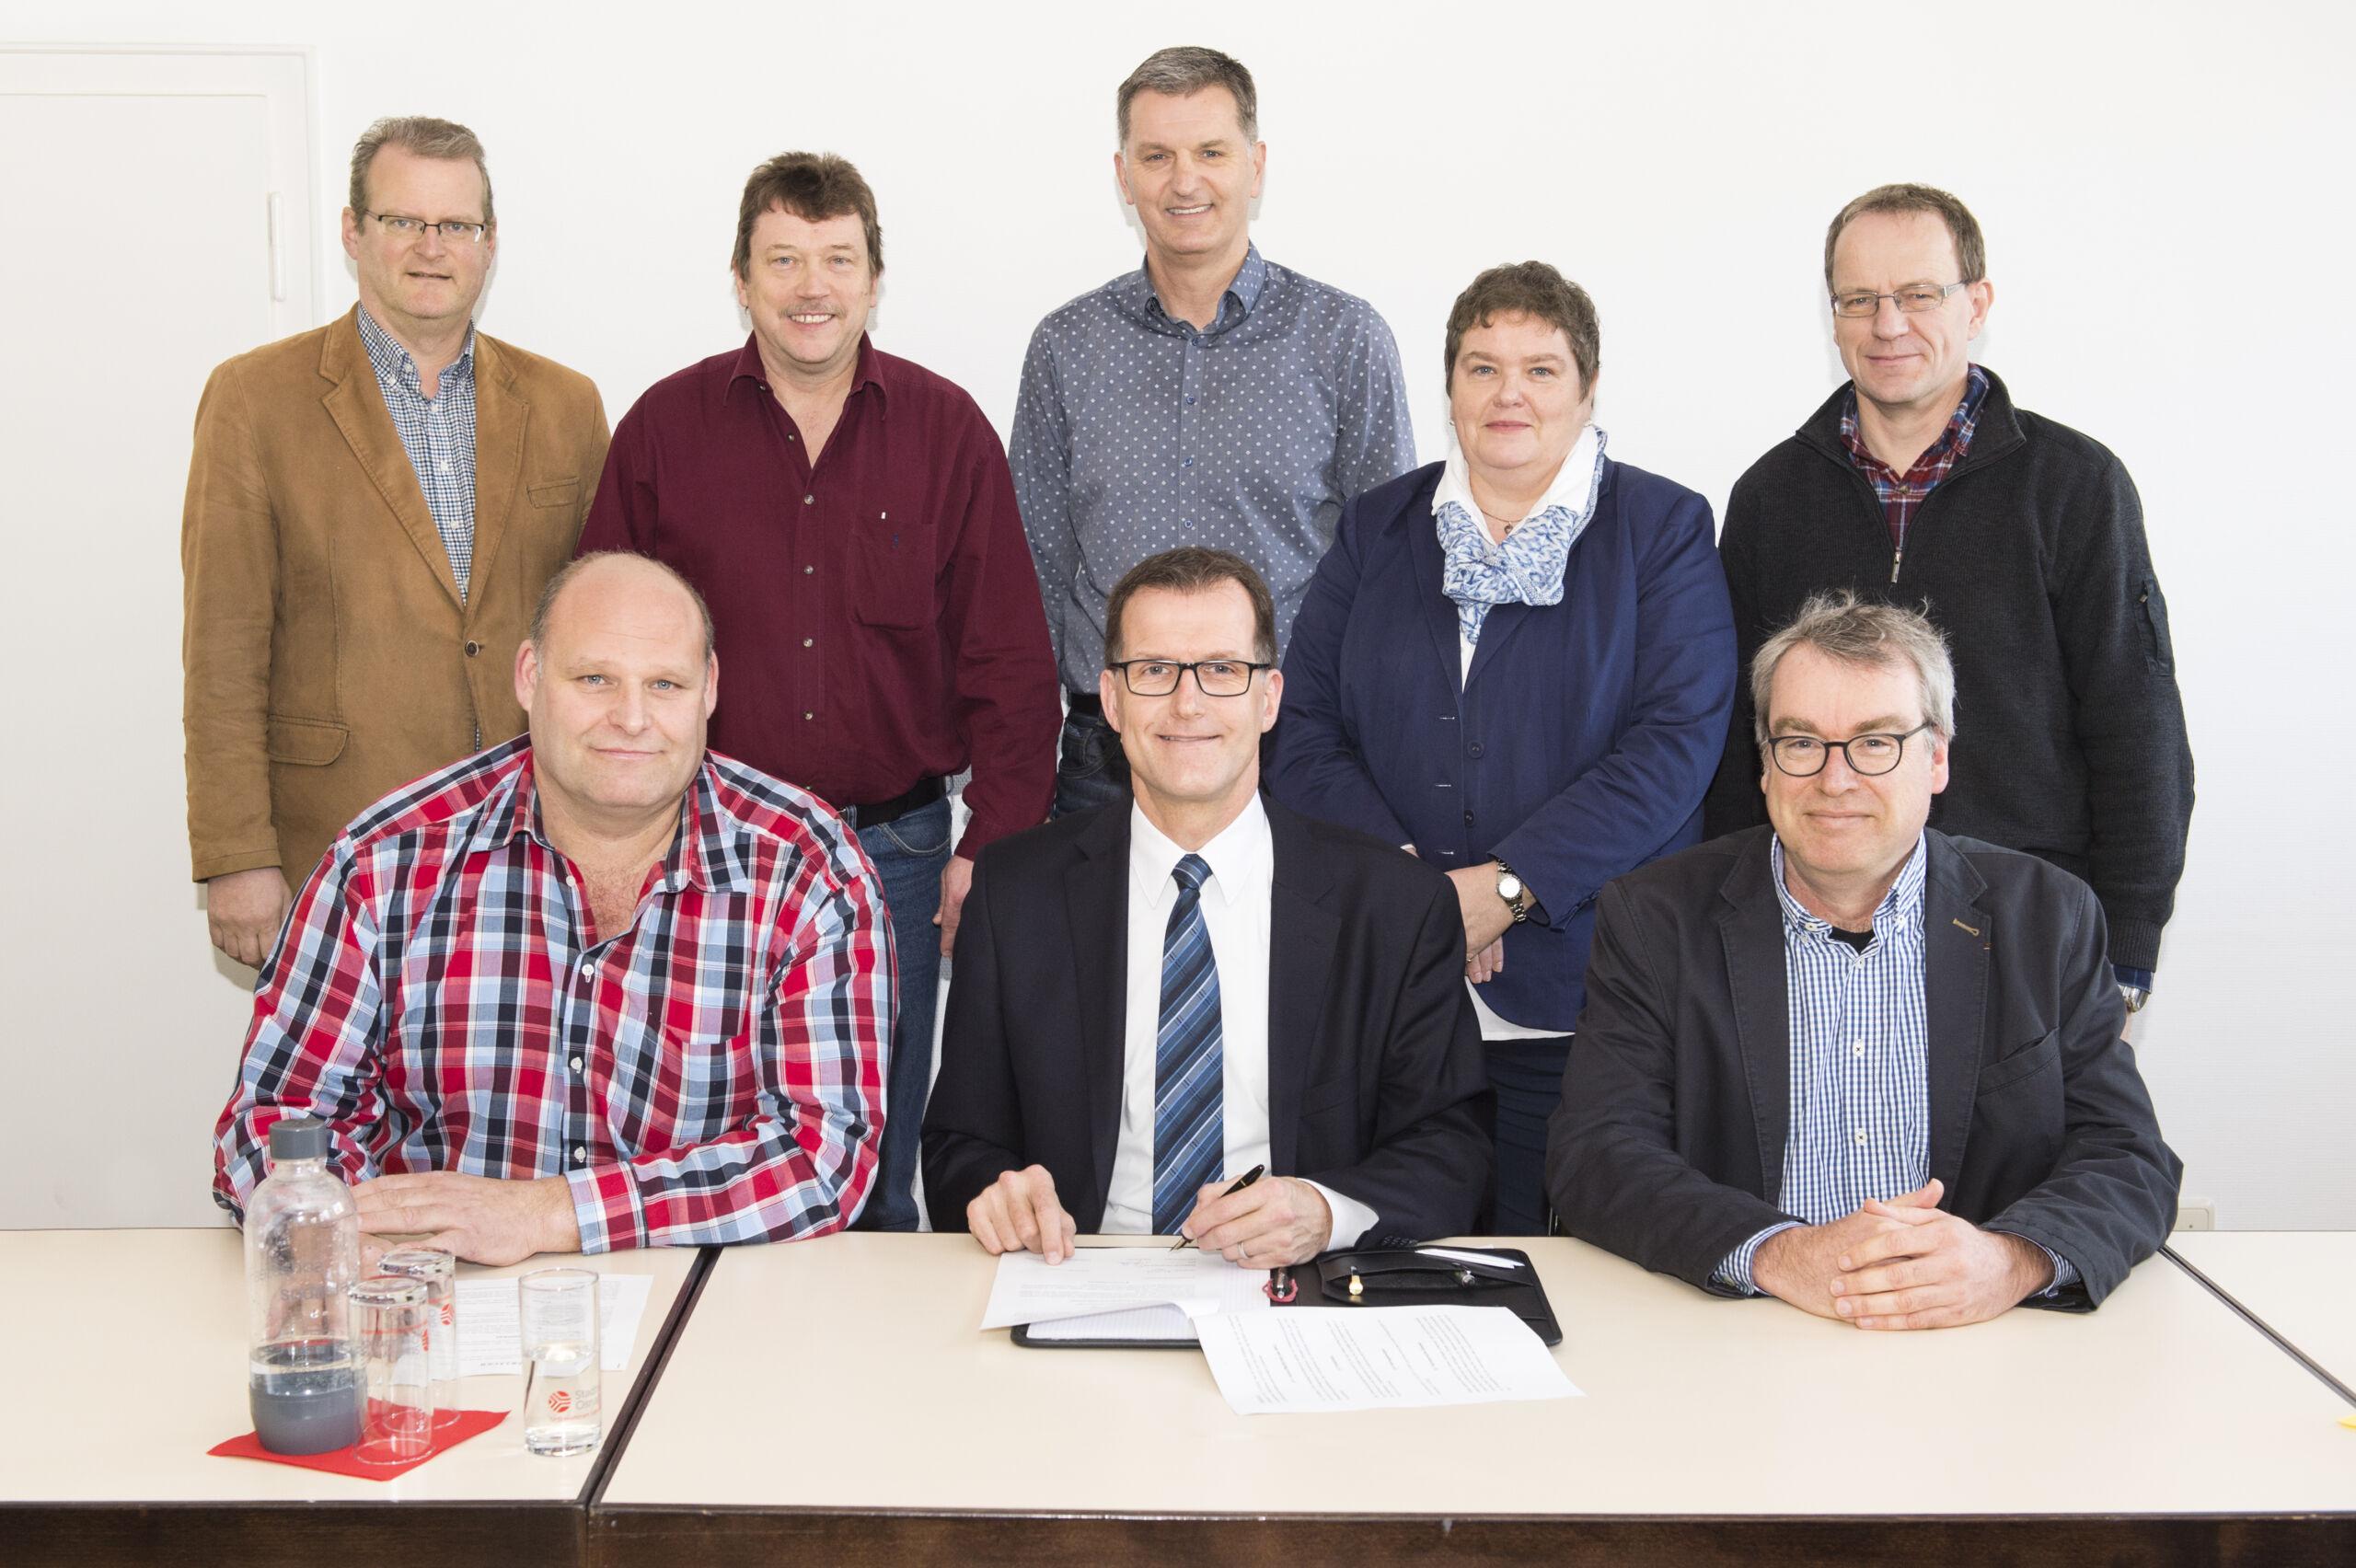 Unterzeichnung der neuen Wasserschutzkooperationsvereinbarung Osnabrück/Wallenhorst